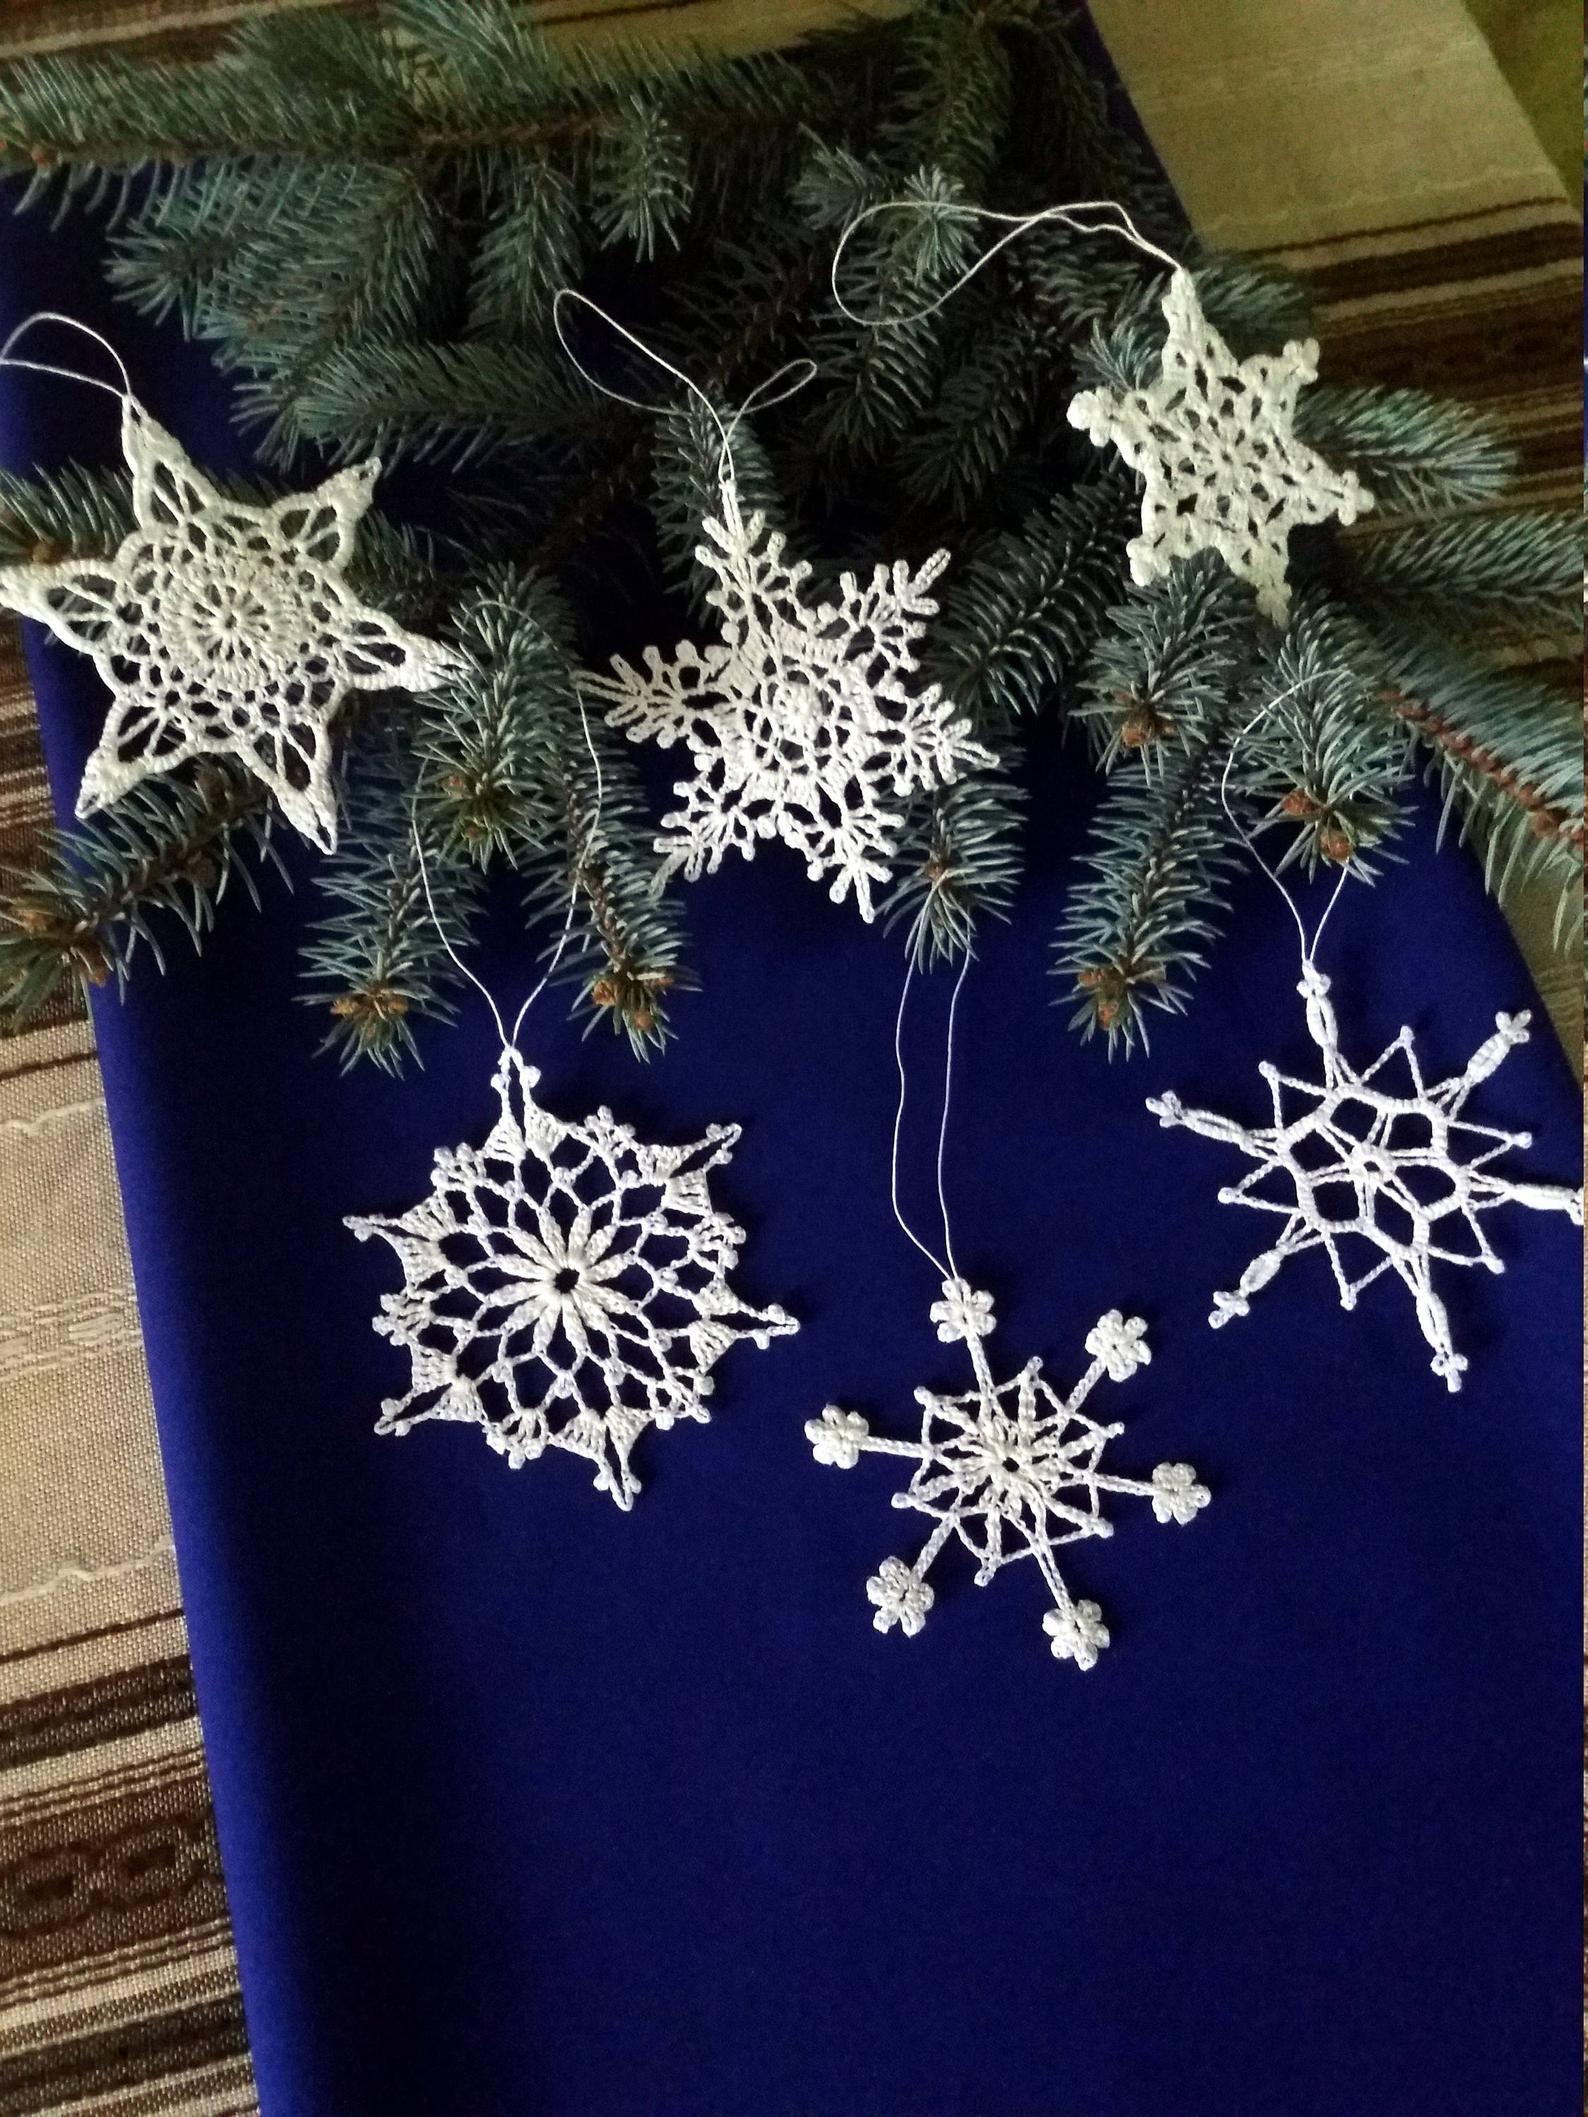 Photo of Fiocchi di neve all'uncinetto bianchi set di 6 decorazioni per matrimoni invernali fiocchi di neve decorazioni per feste invernali decorazioni fatte a mano ornamenti per le vacanze